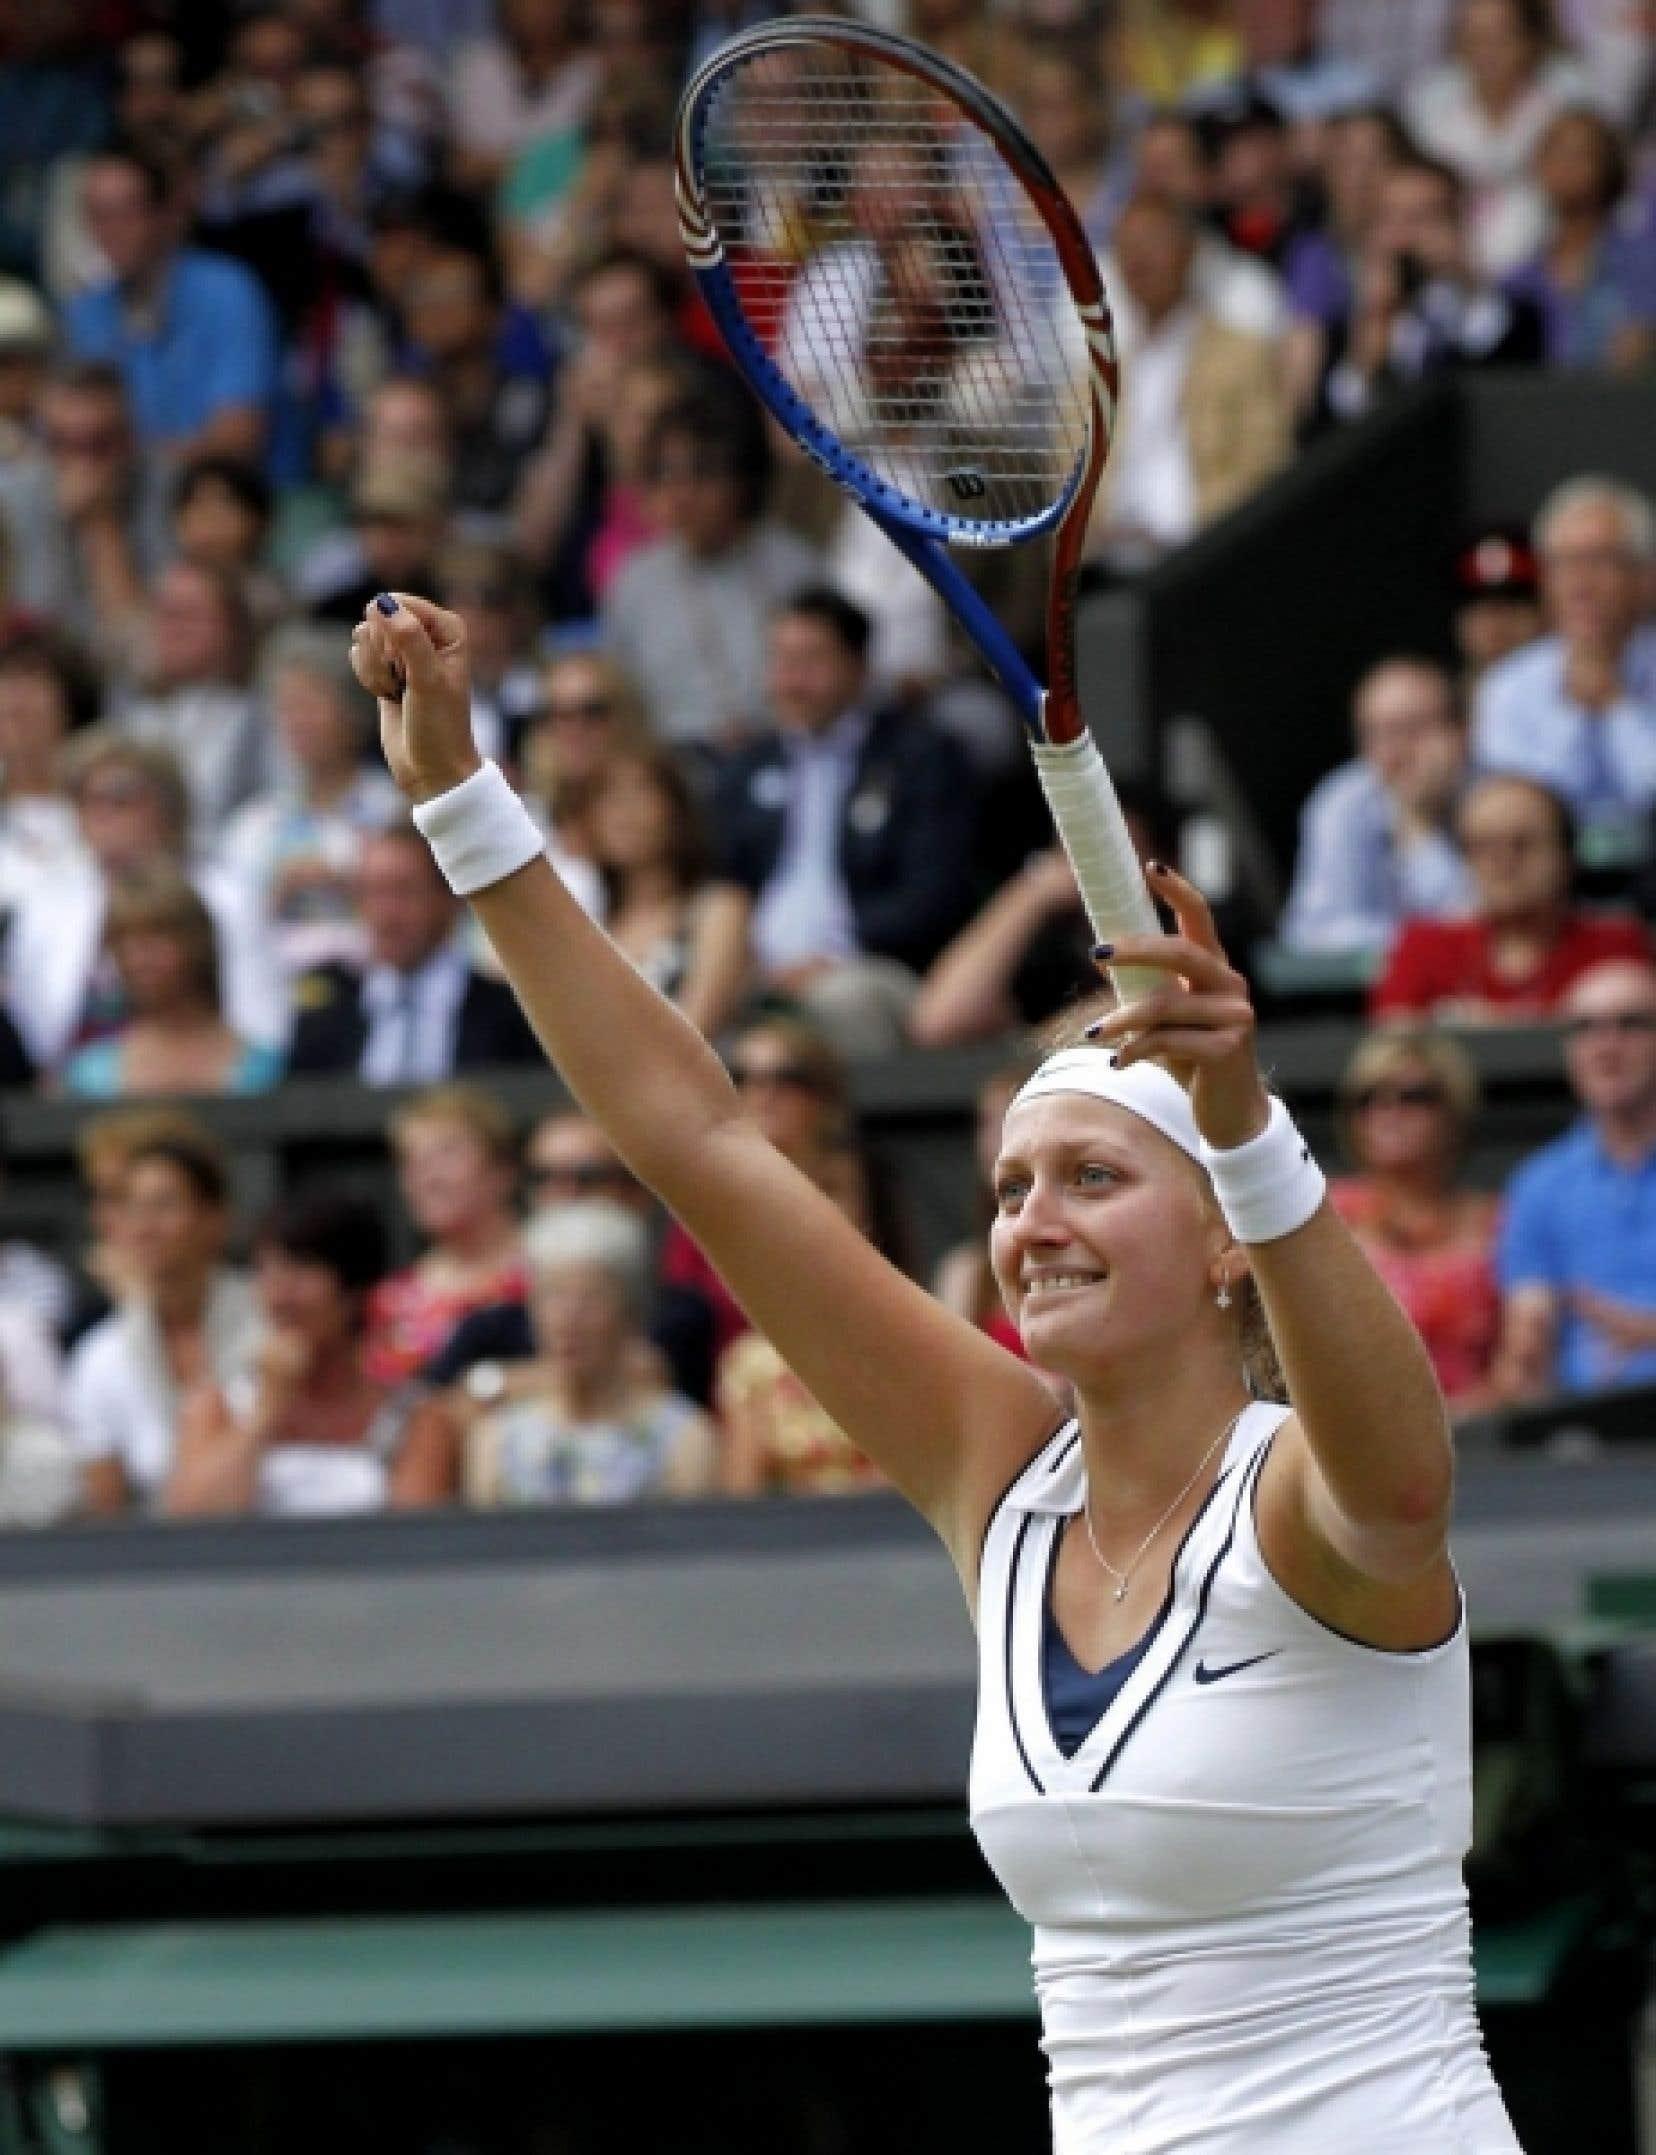 Petra Kvitova a remporté son premier titre du Grand chelem aujourd'hui.